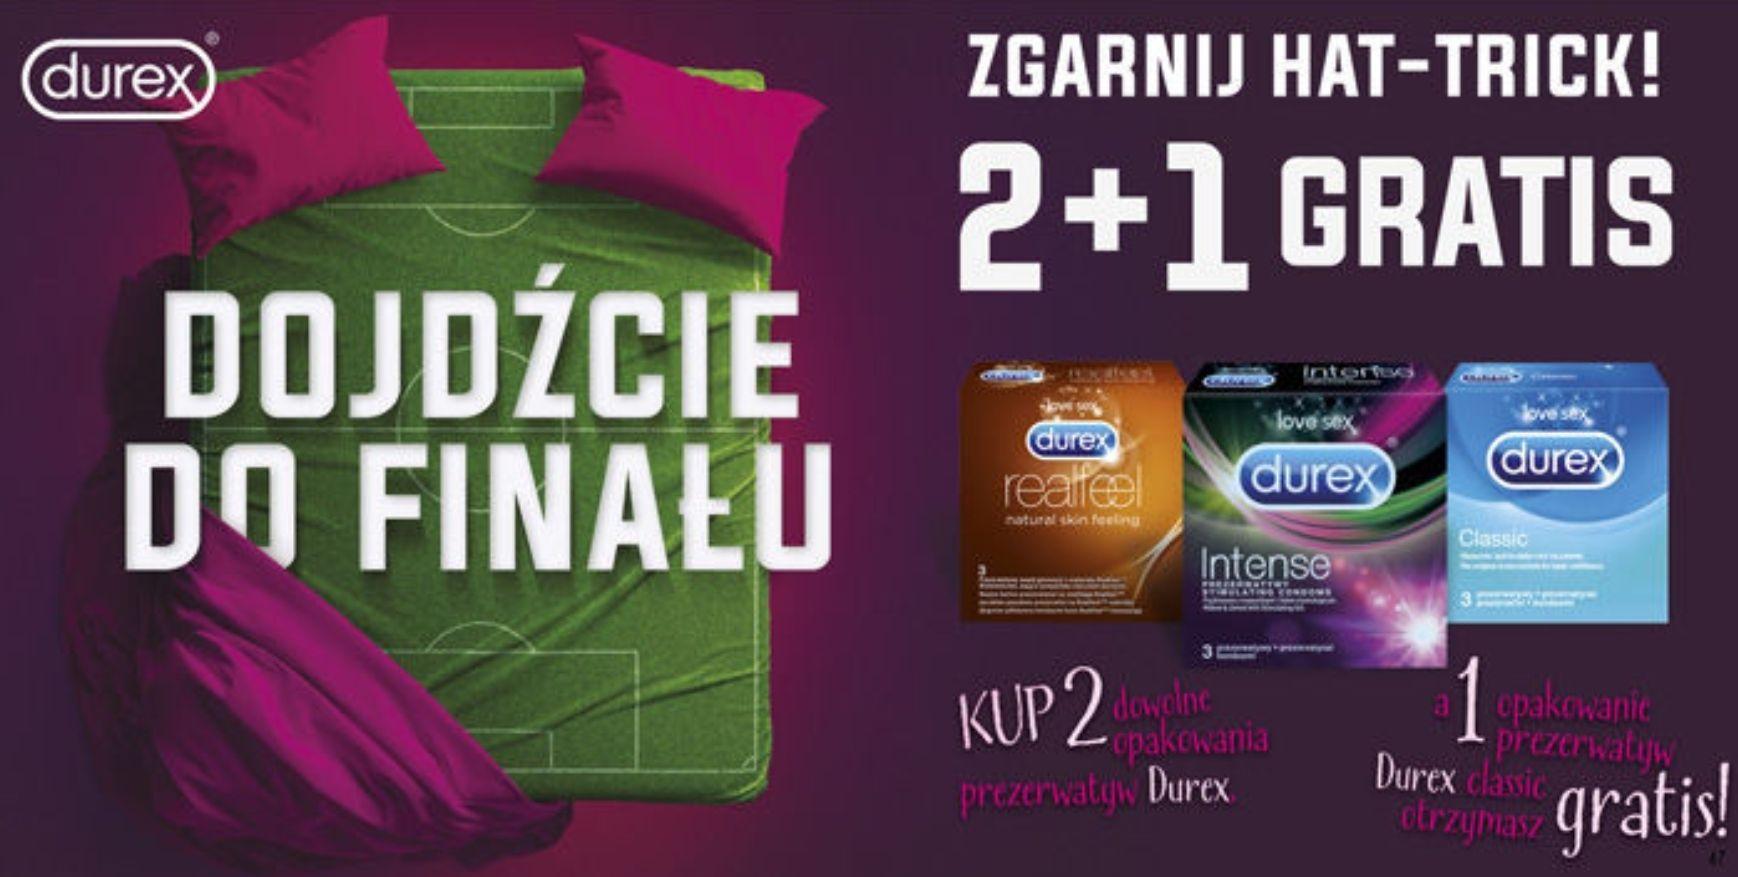 Durex - dojdźcie do finału, zgarnij hat-trick! 2+1 gratis @ Stokrotka